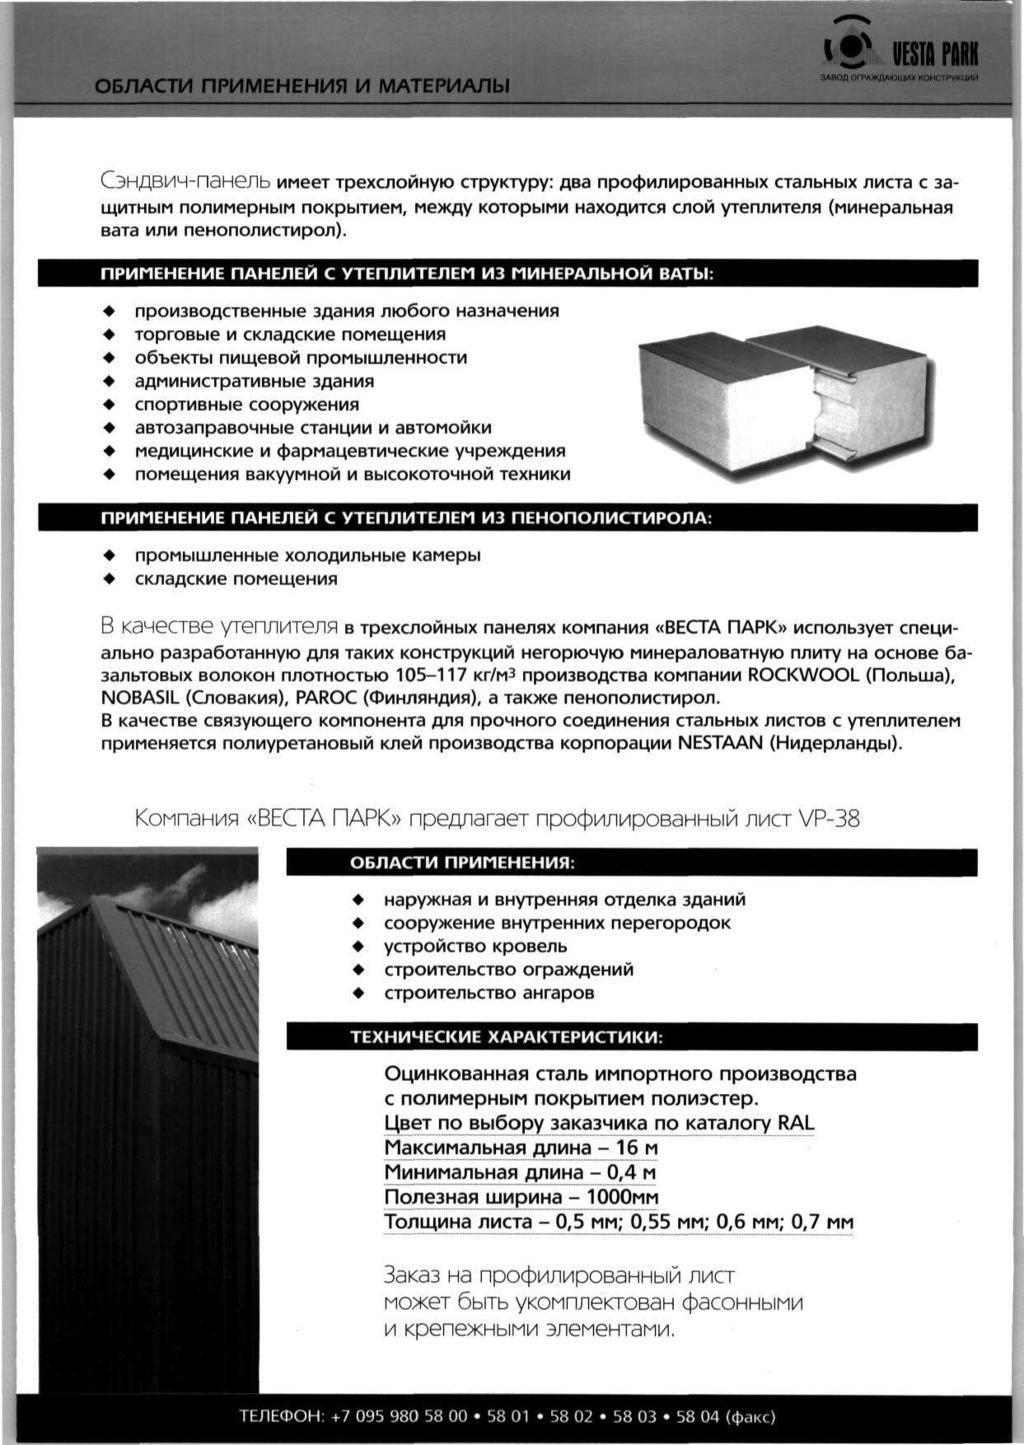 Сэндвич-панели: технические характеристики и сферы применения. плюсы и минусы сэндвич-панелей